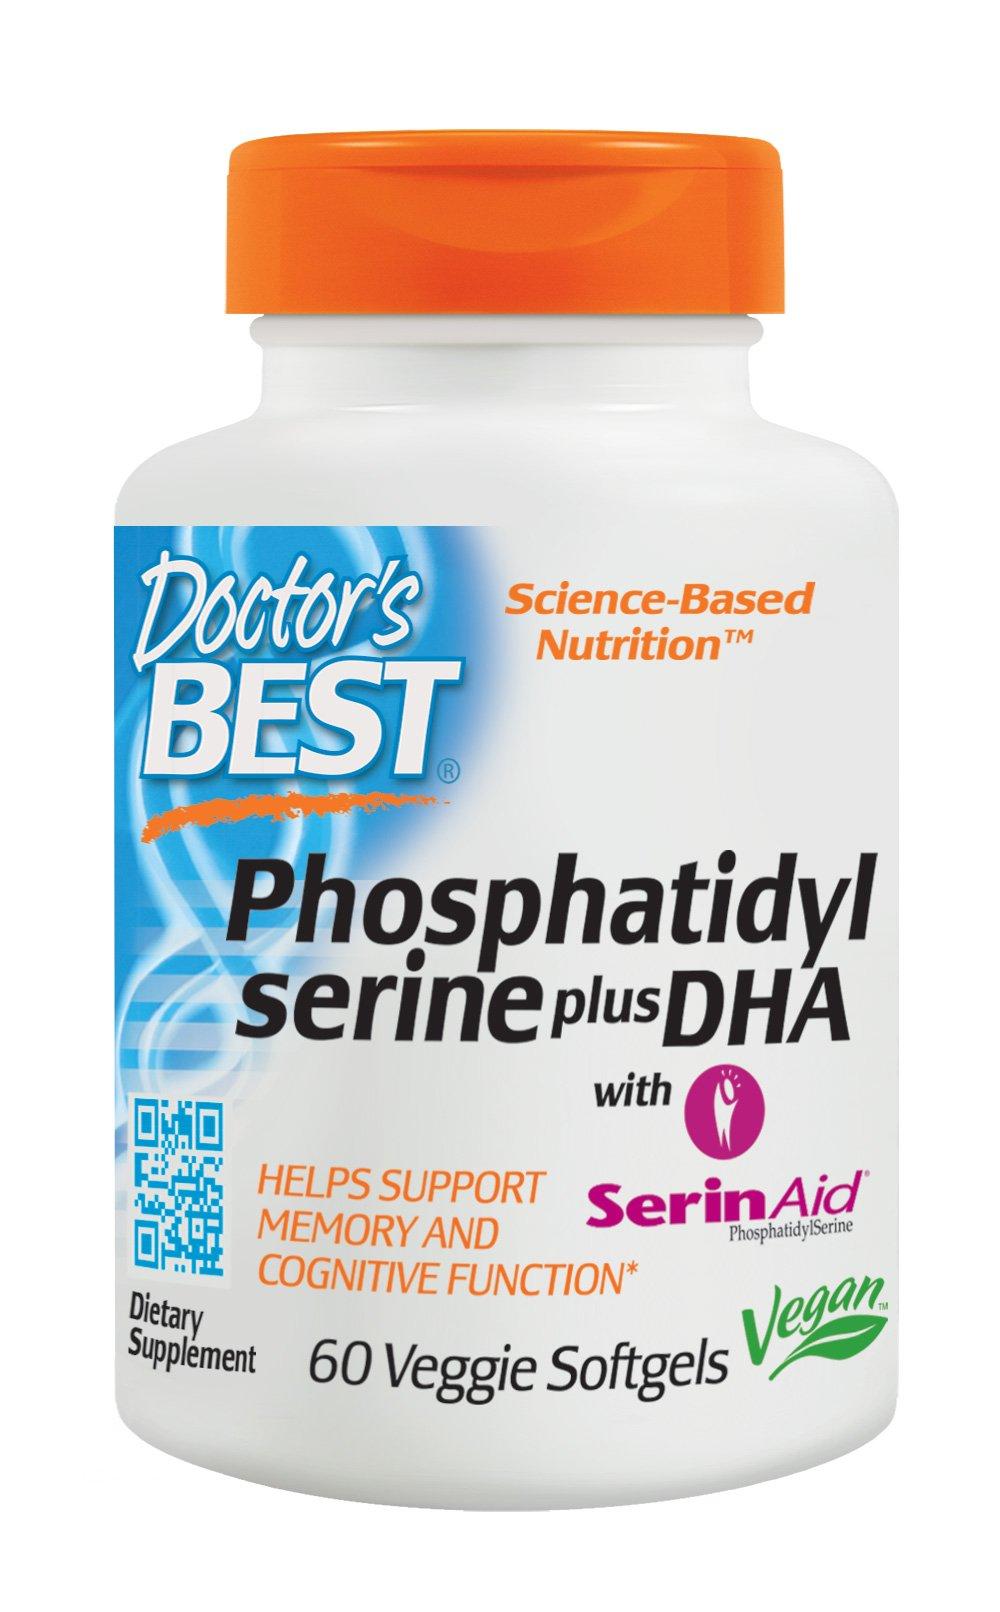 Doctor's Best Phosphatidyl Serine plus DHA with SerinAid, Vegan, Gluten Free, Memory Support, 60 Veggie Softgels